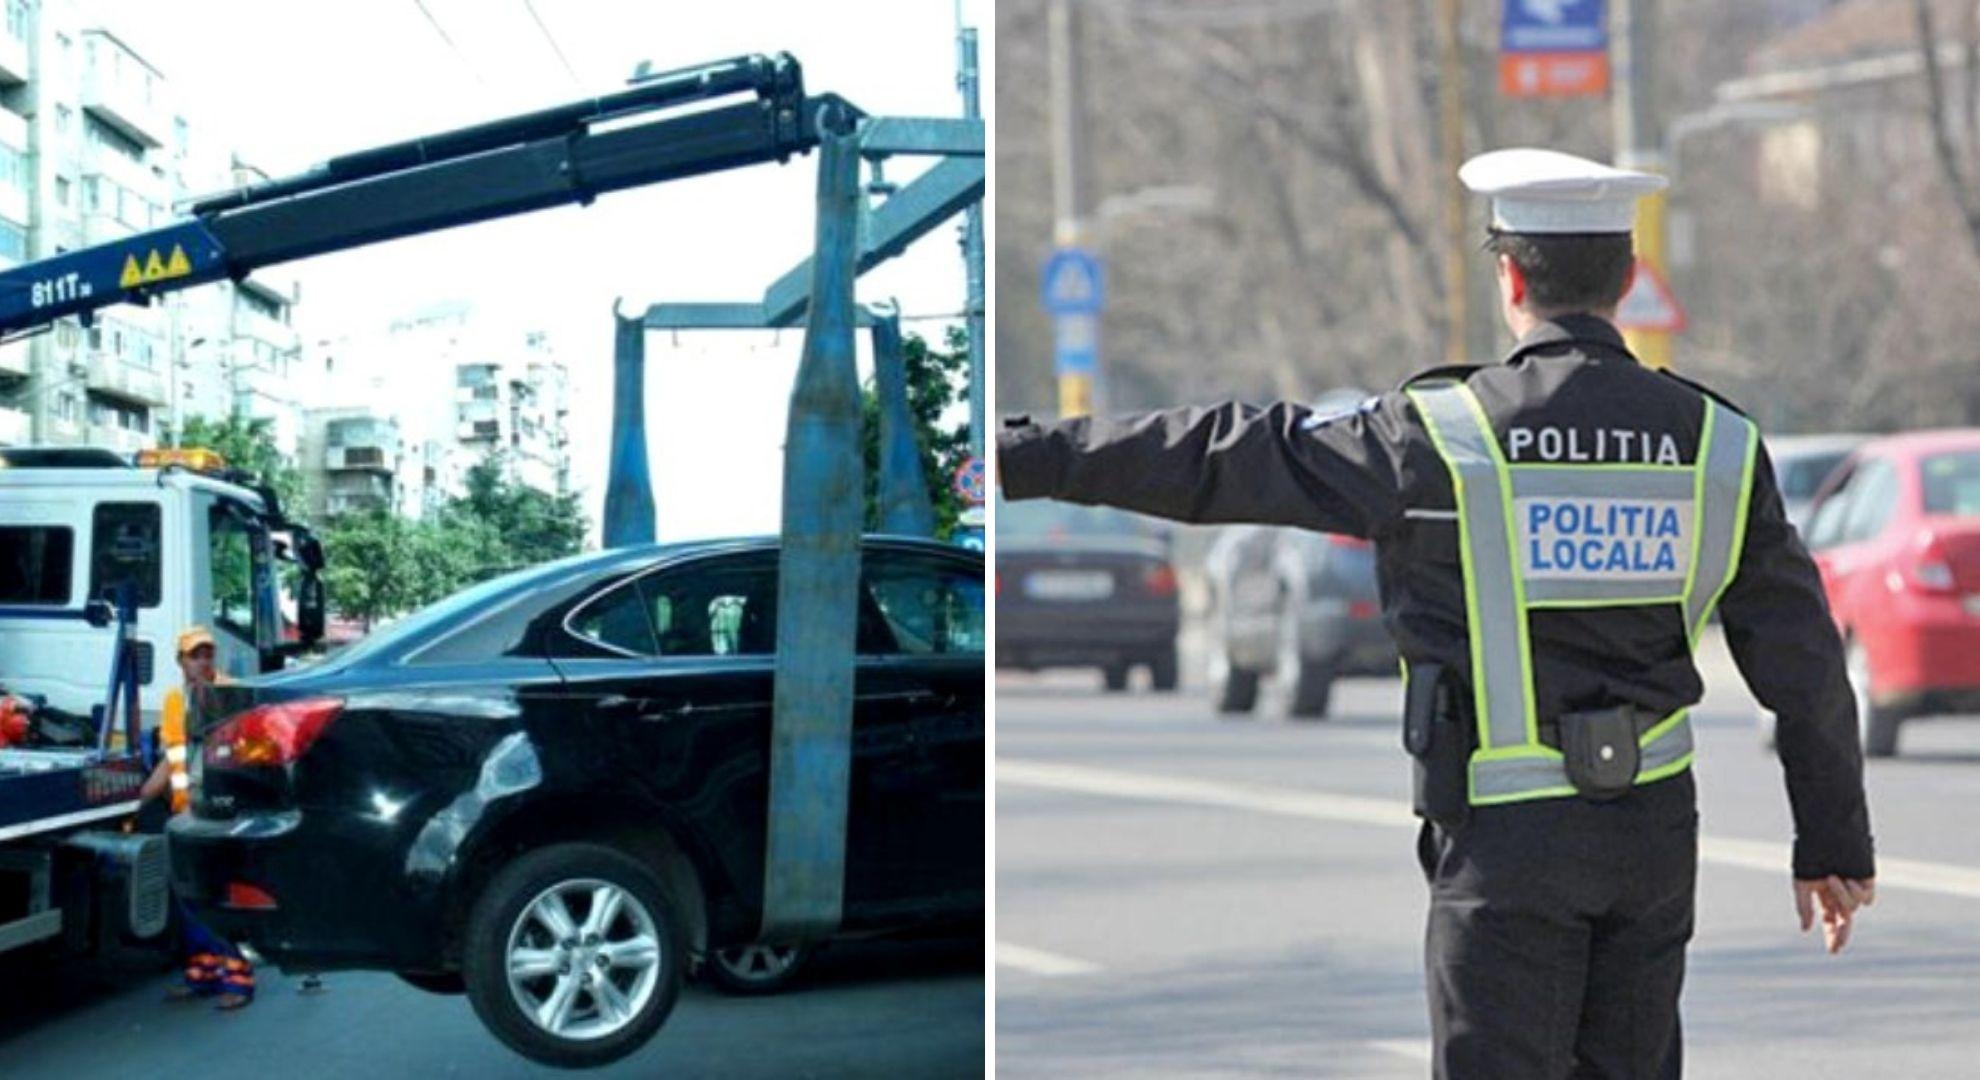 Ce se va întâmpla de acum cu mașinile parcate neregulamentar. Șoferii se vor supăra tare